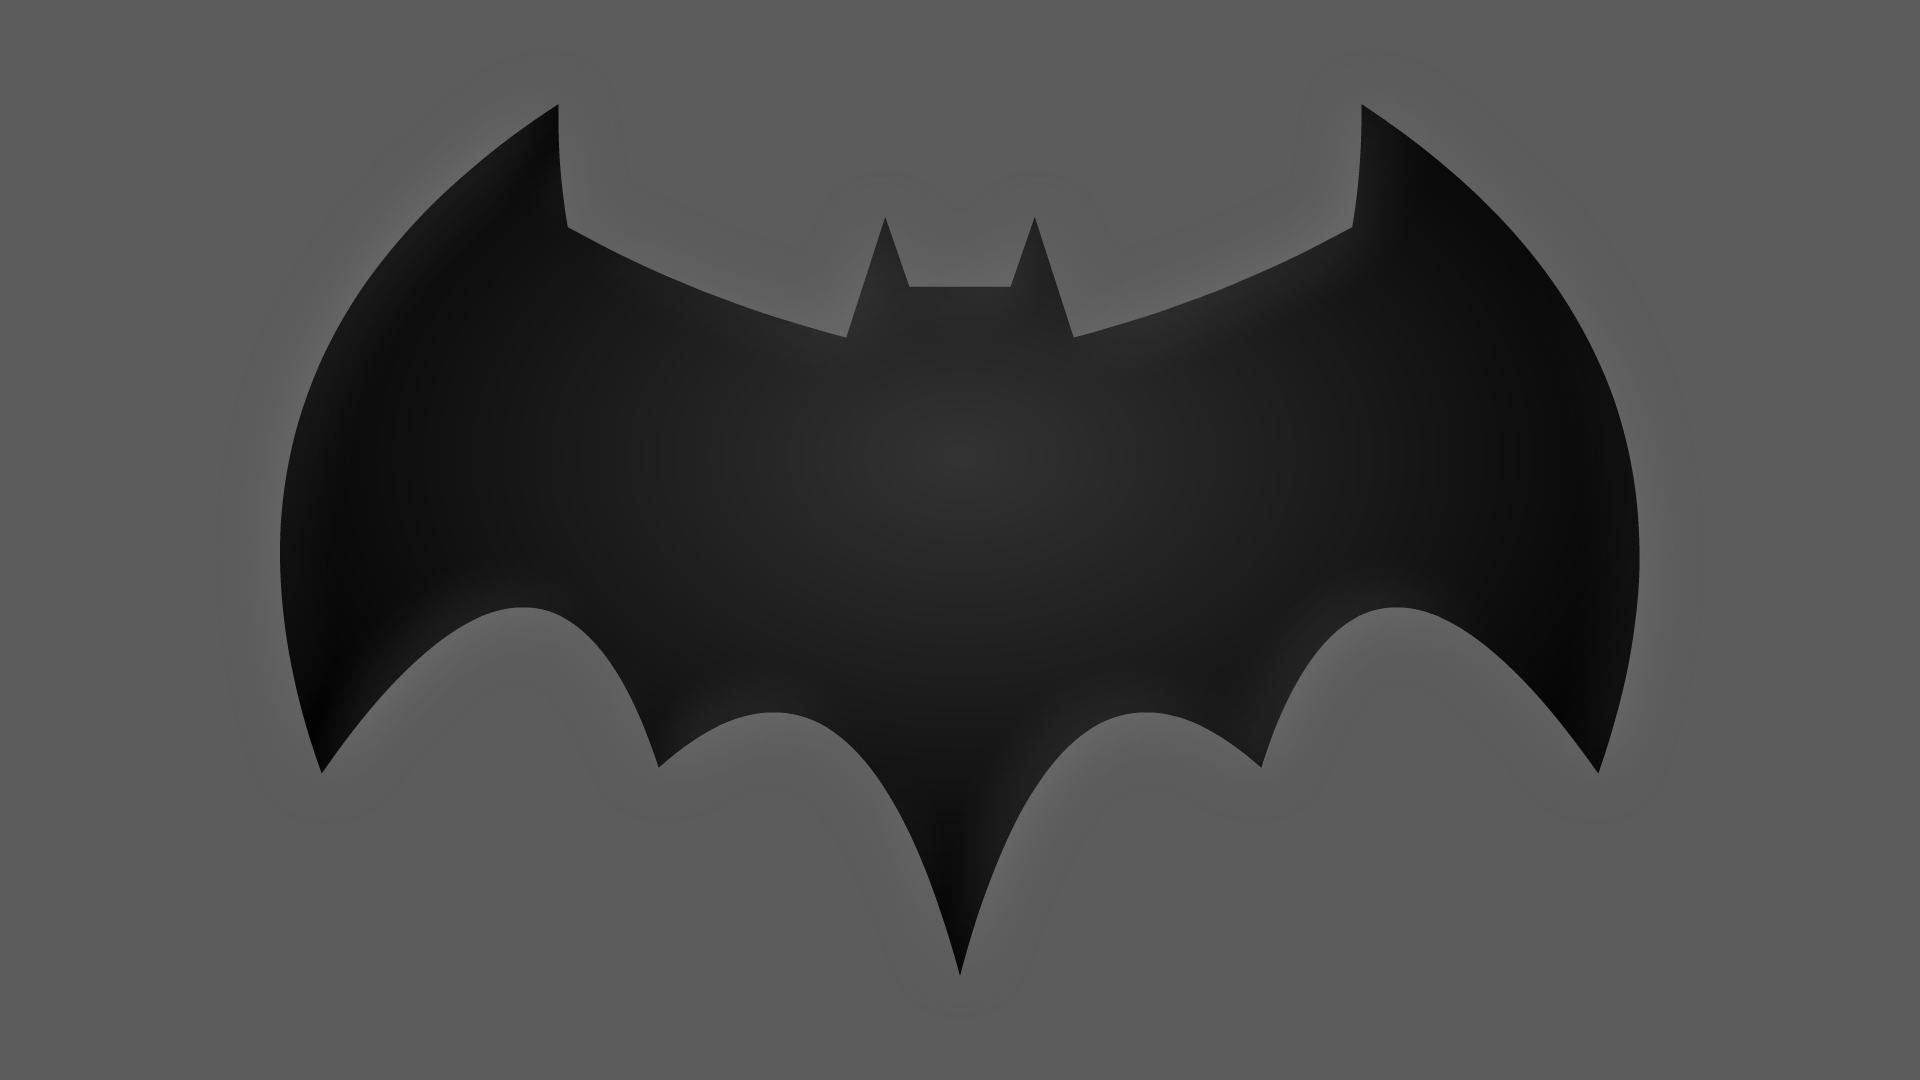 Telltale batman wallpaper wallpapers pinterest batman wallpaper telltale batman wallpaper voltagebd Gallery